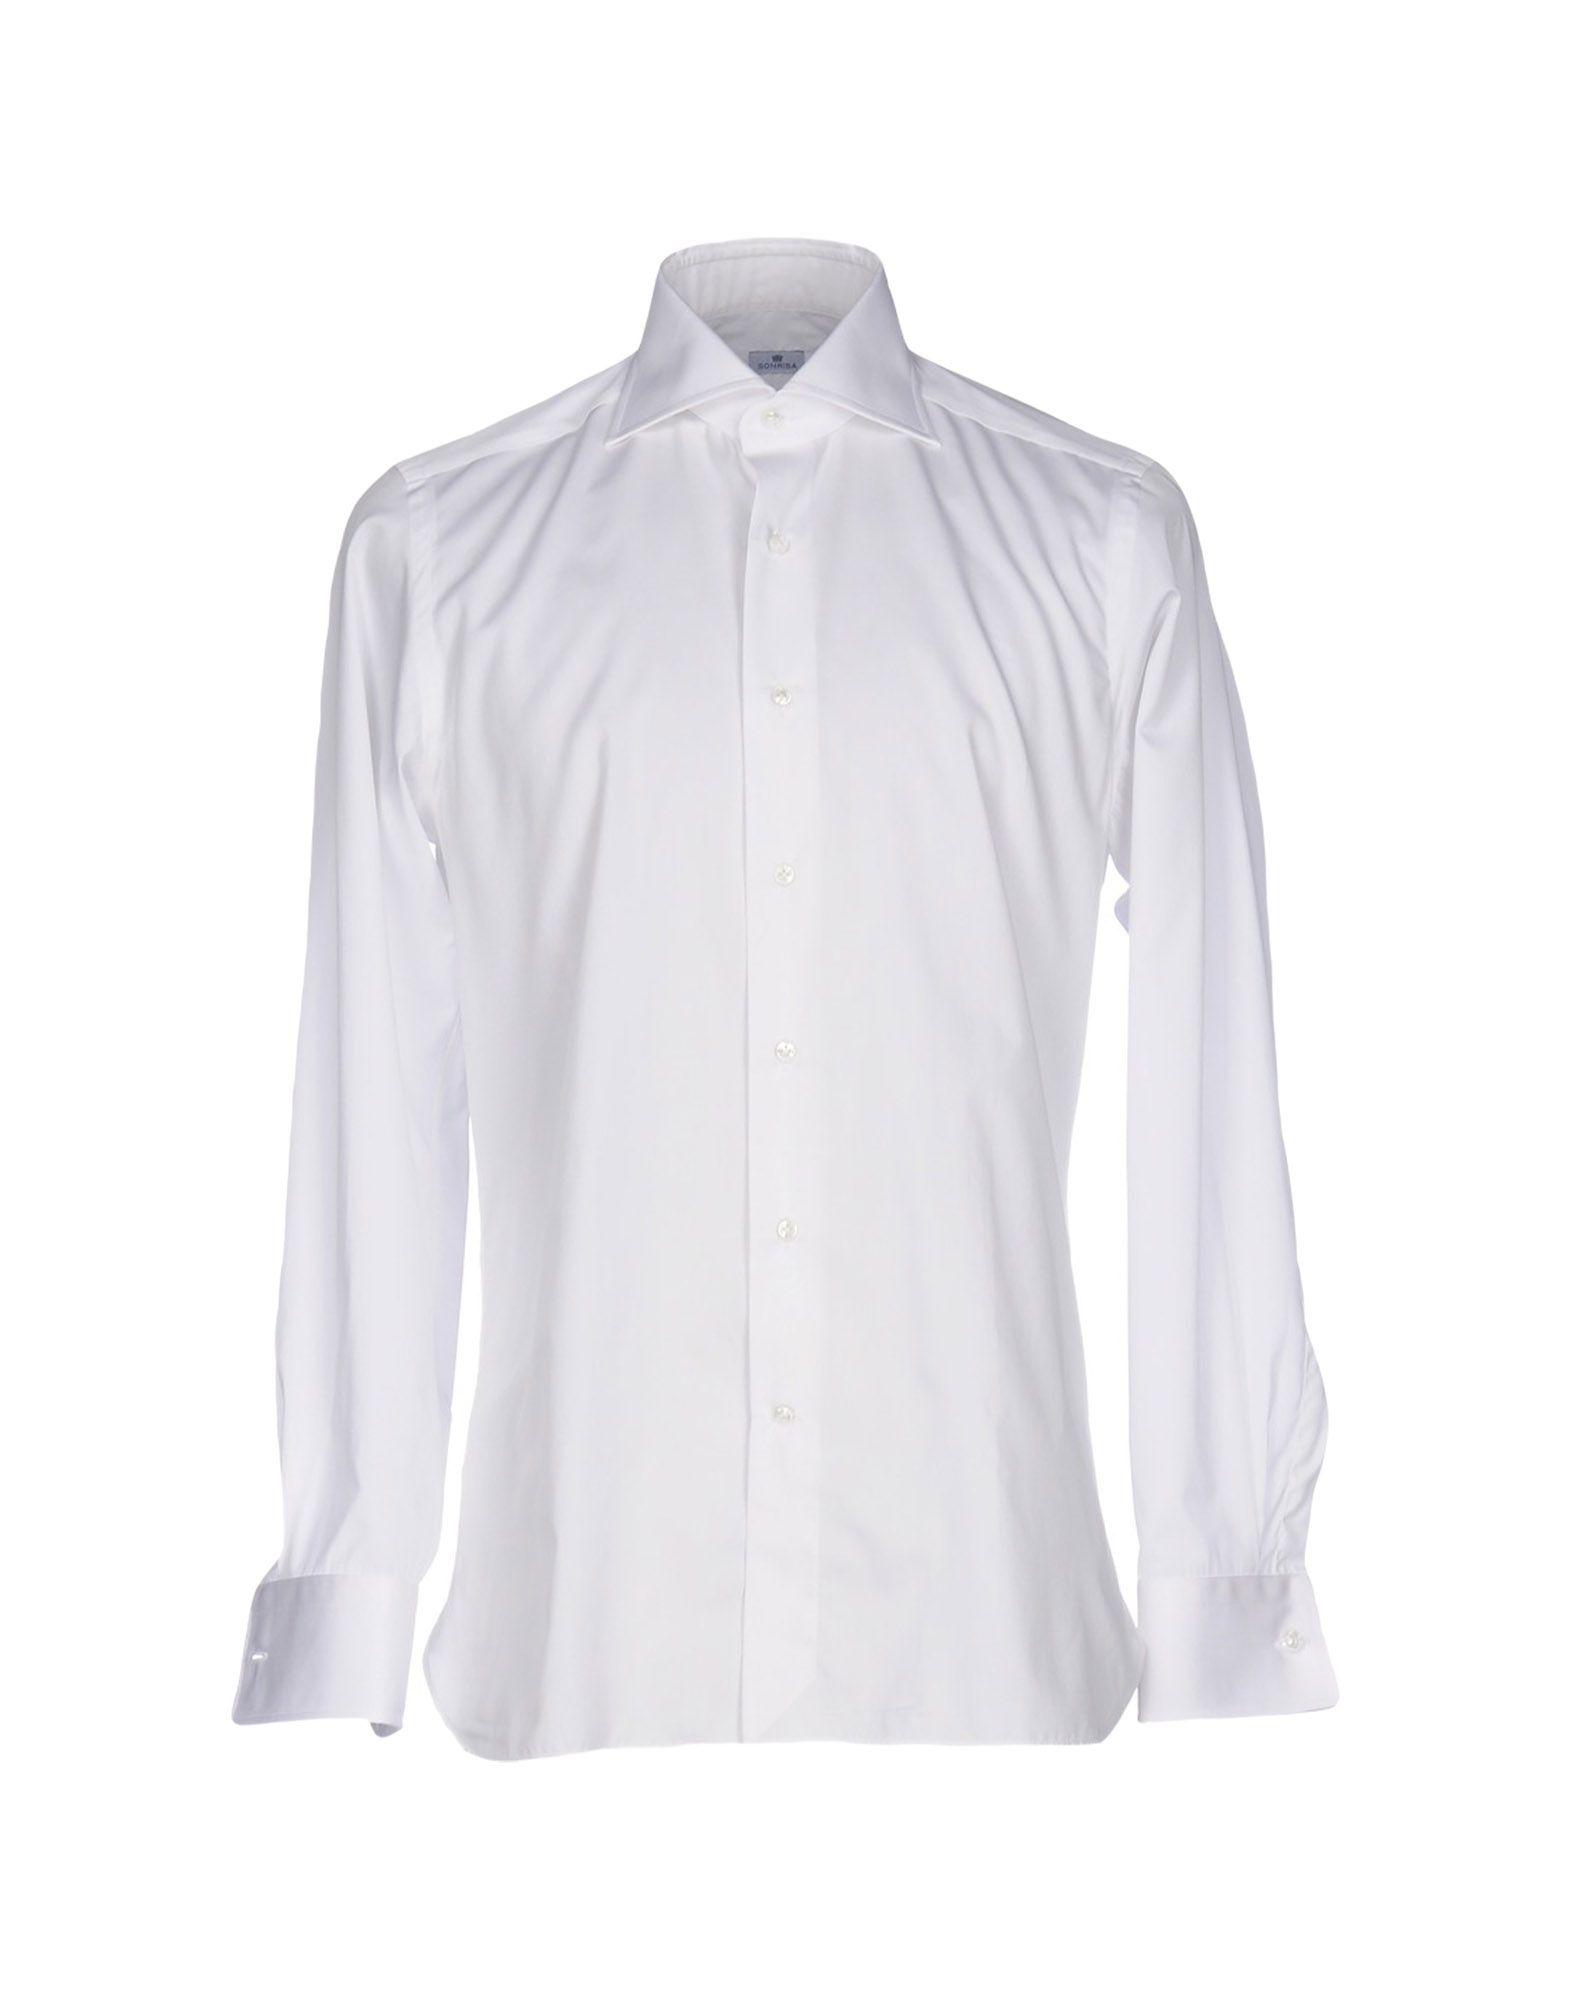 《送料無料》SONRISA メンズ シャツ ホワイト 43 コットン 100%